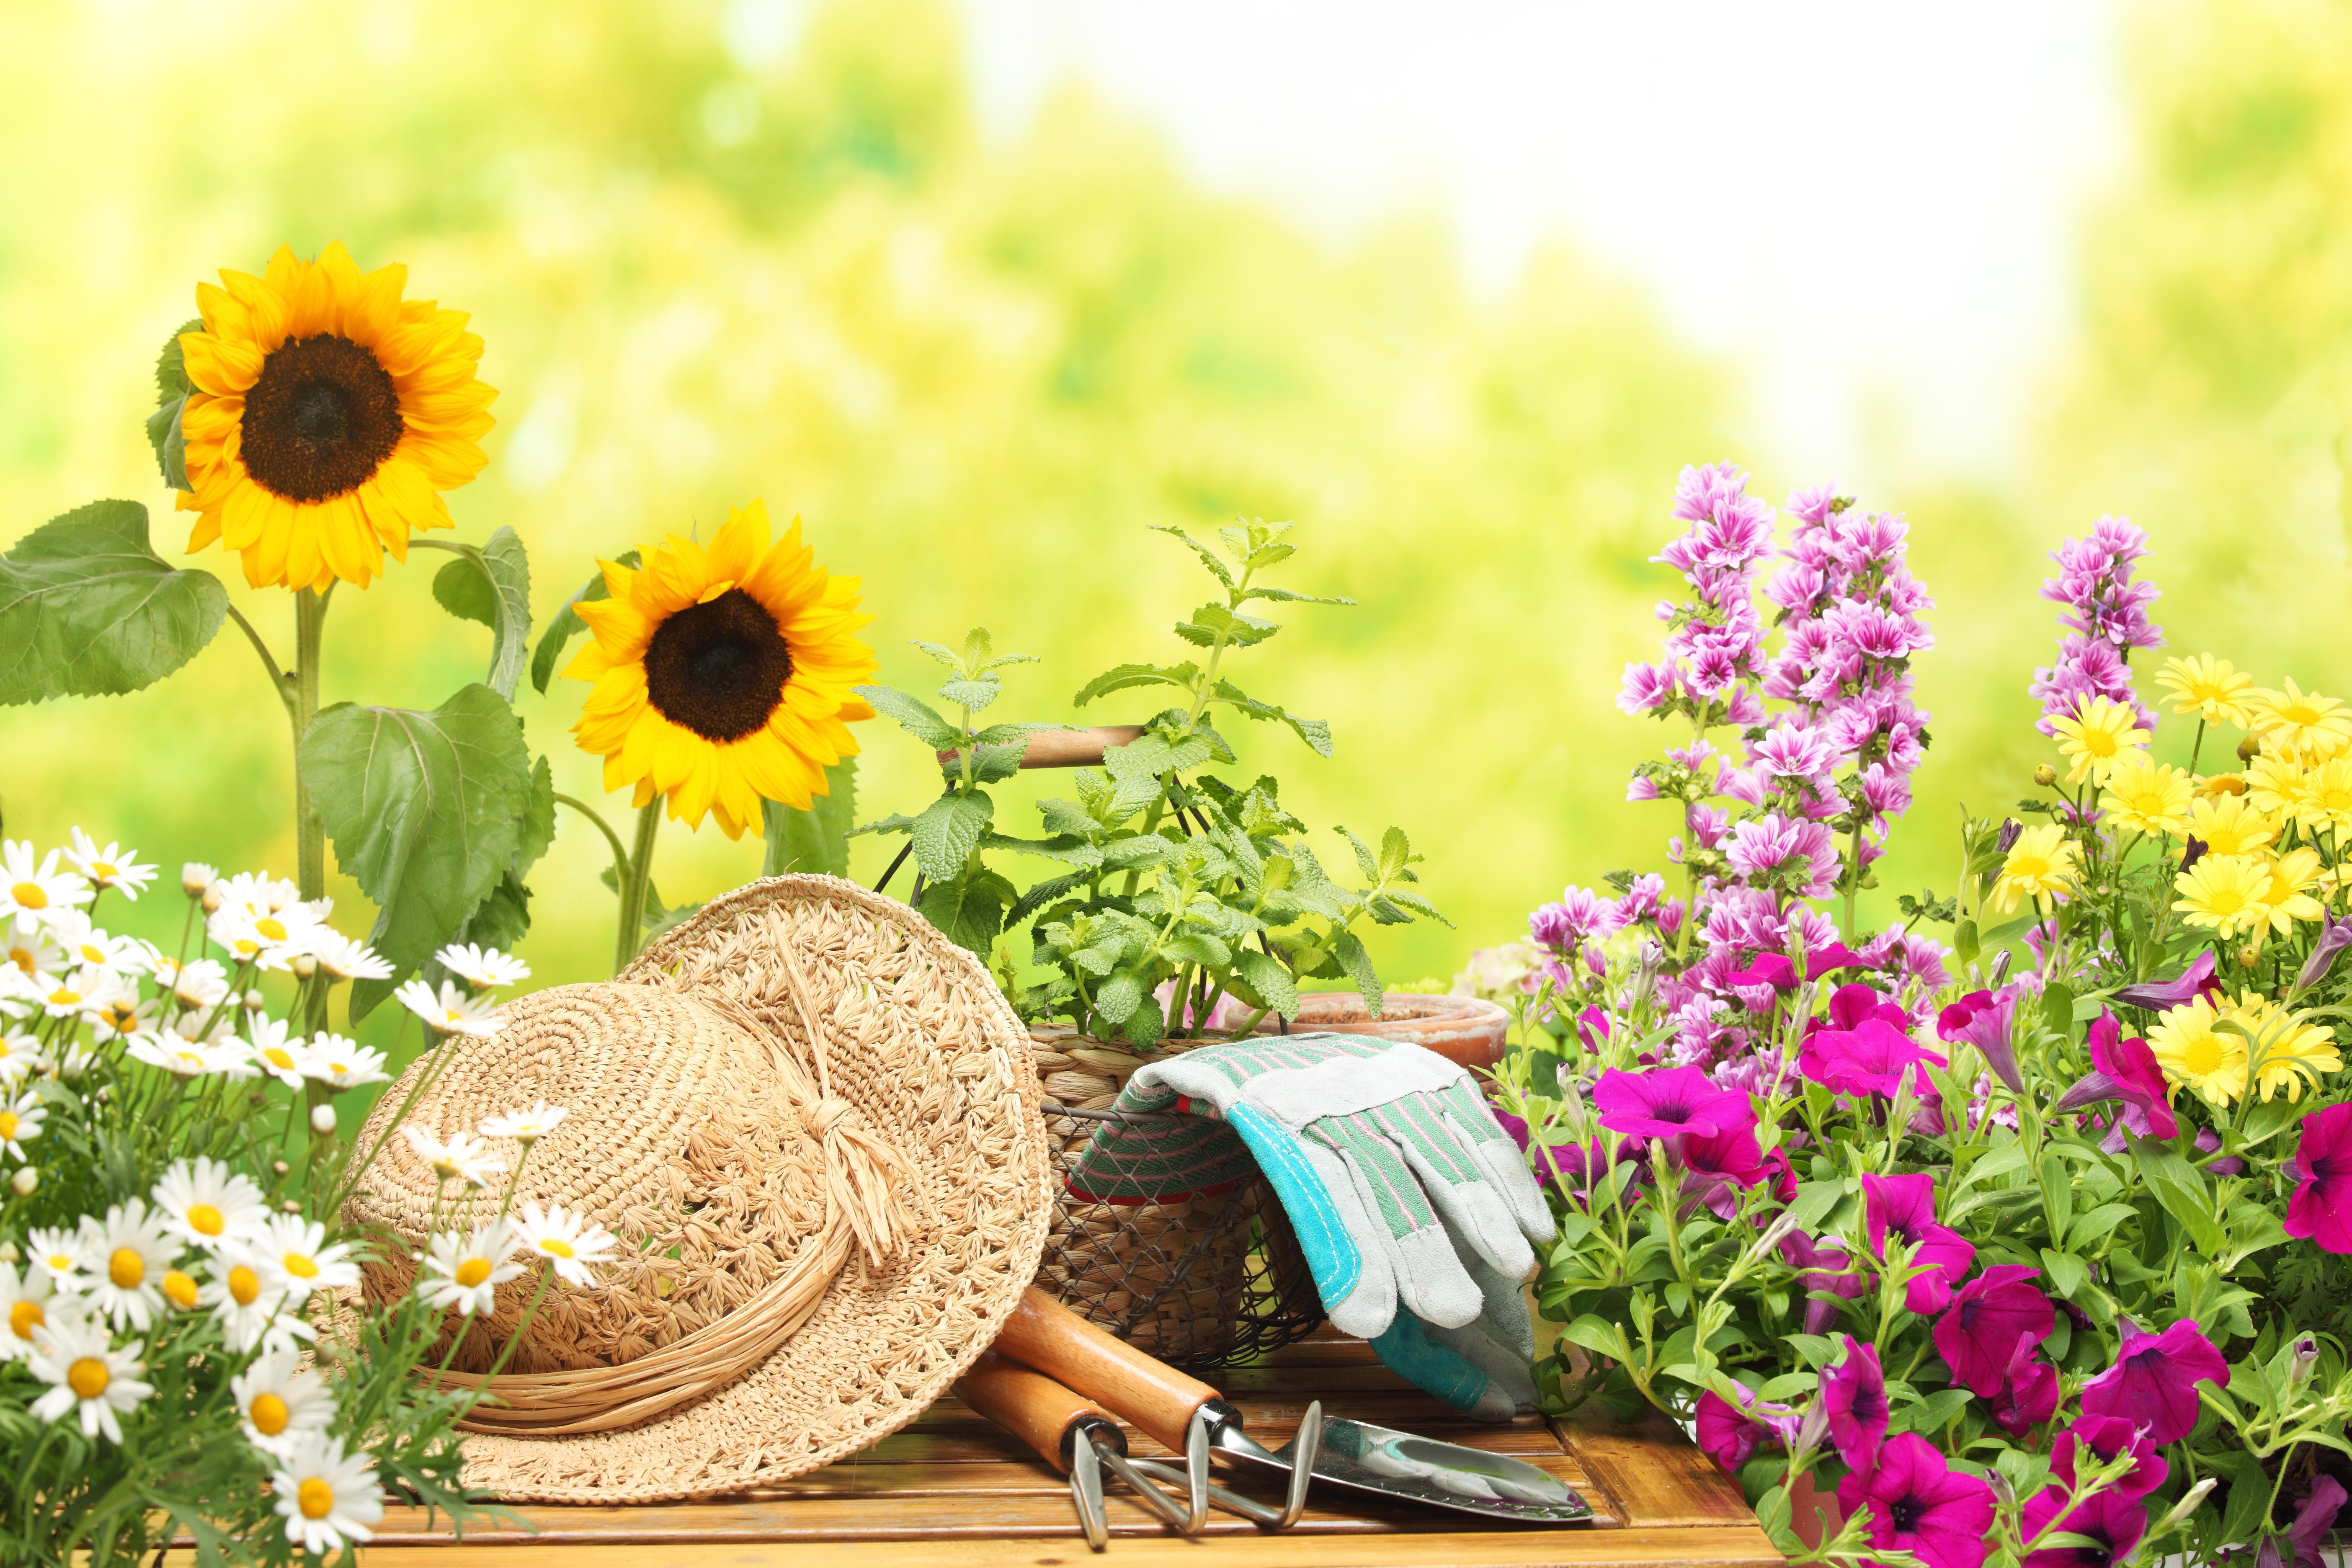 Не забывайте регулярно очищать садовый инвентарь, даже если вы проводили работы возле здоровых растений